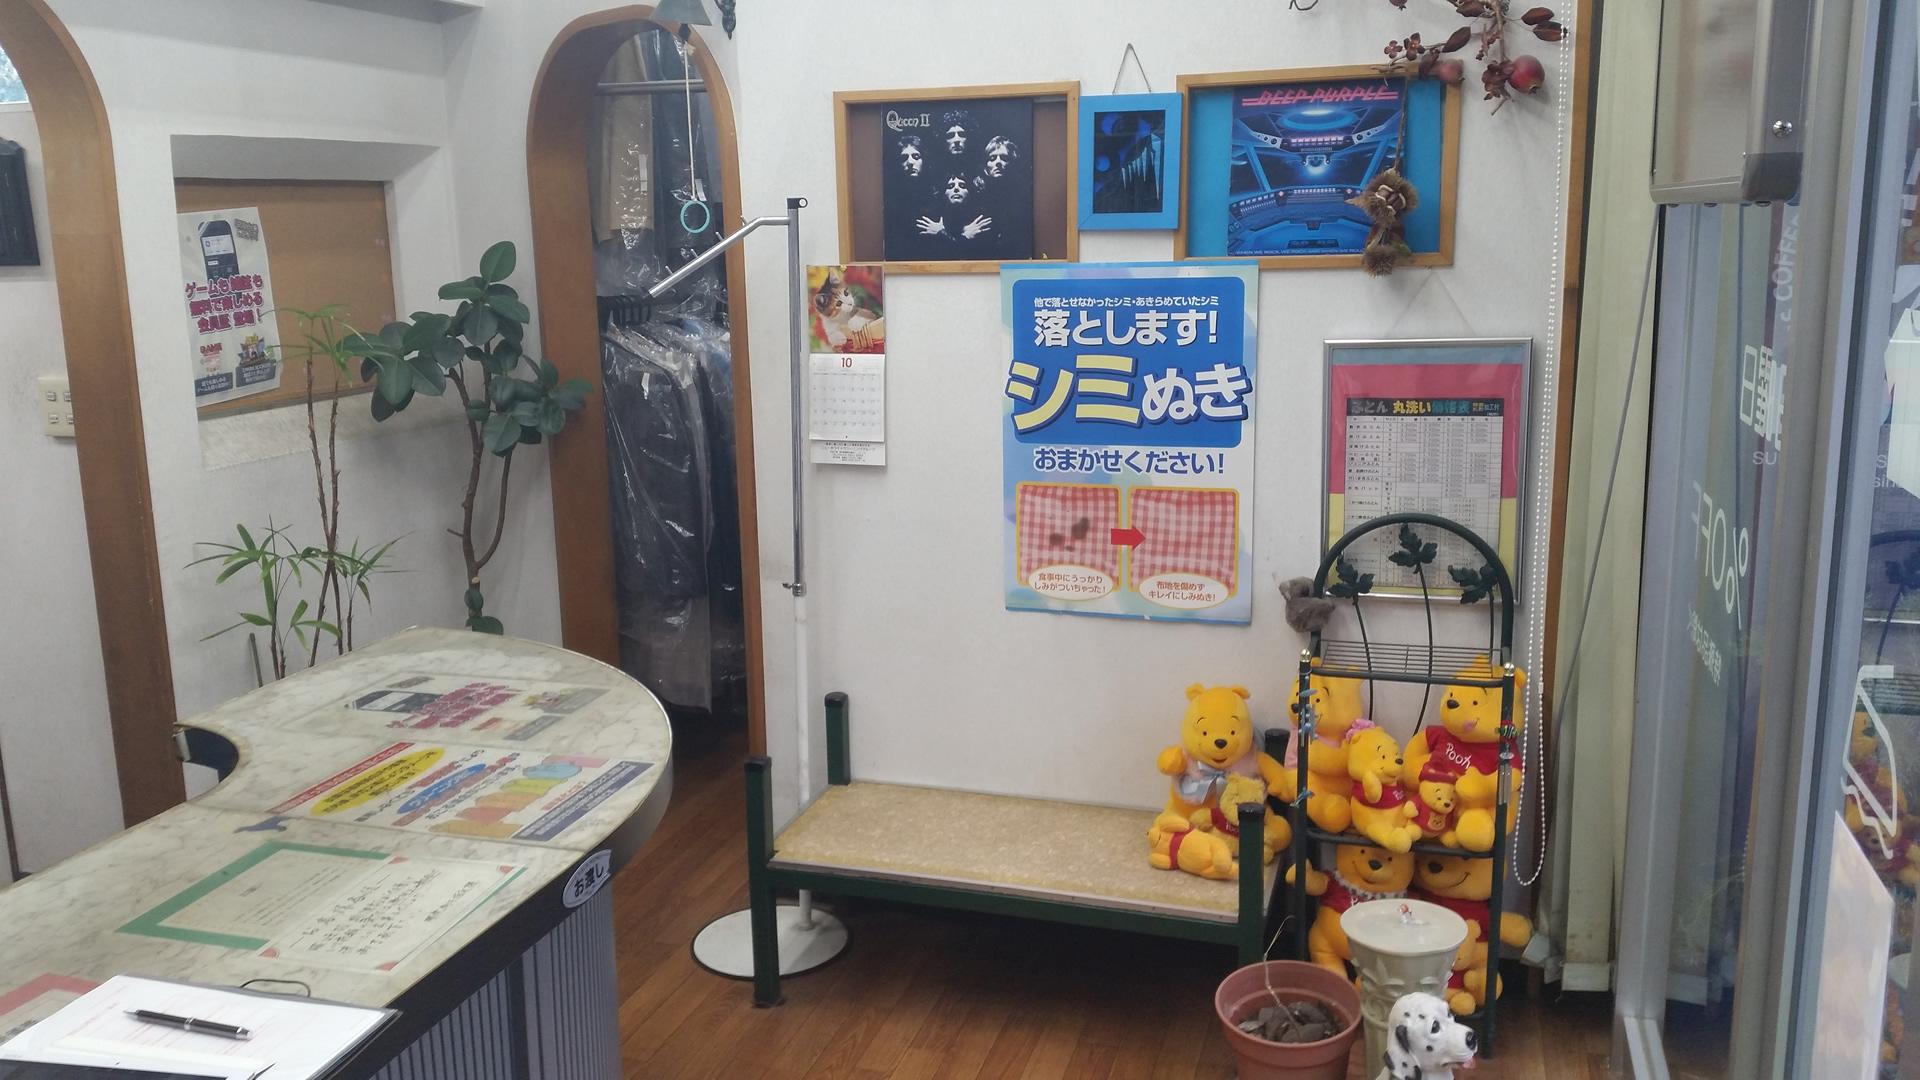 ニューホワイトクリーニング平井店 店内